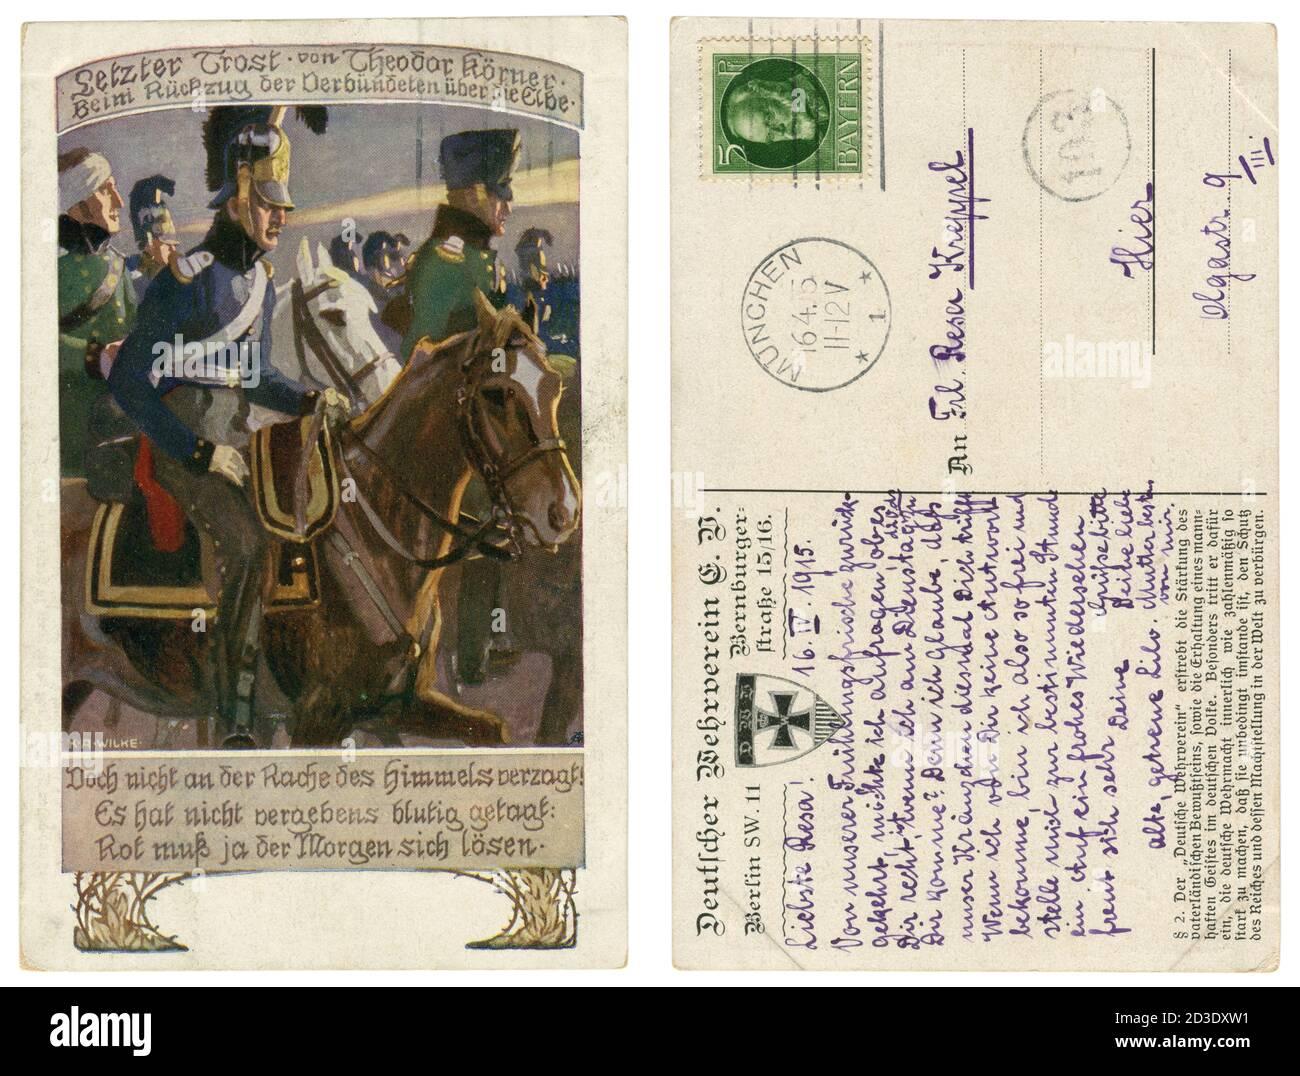 Carte postale historique allemande : soldat et poète Theodor Körner, W un groupe de cavalrymen avant sa dernière bataille à l'Elbe, guerres napoléoniennes, 1813 Banque D'Images